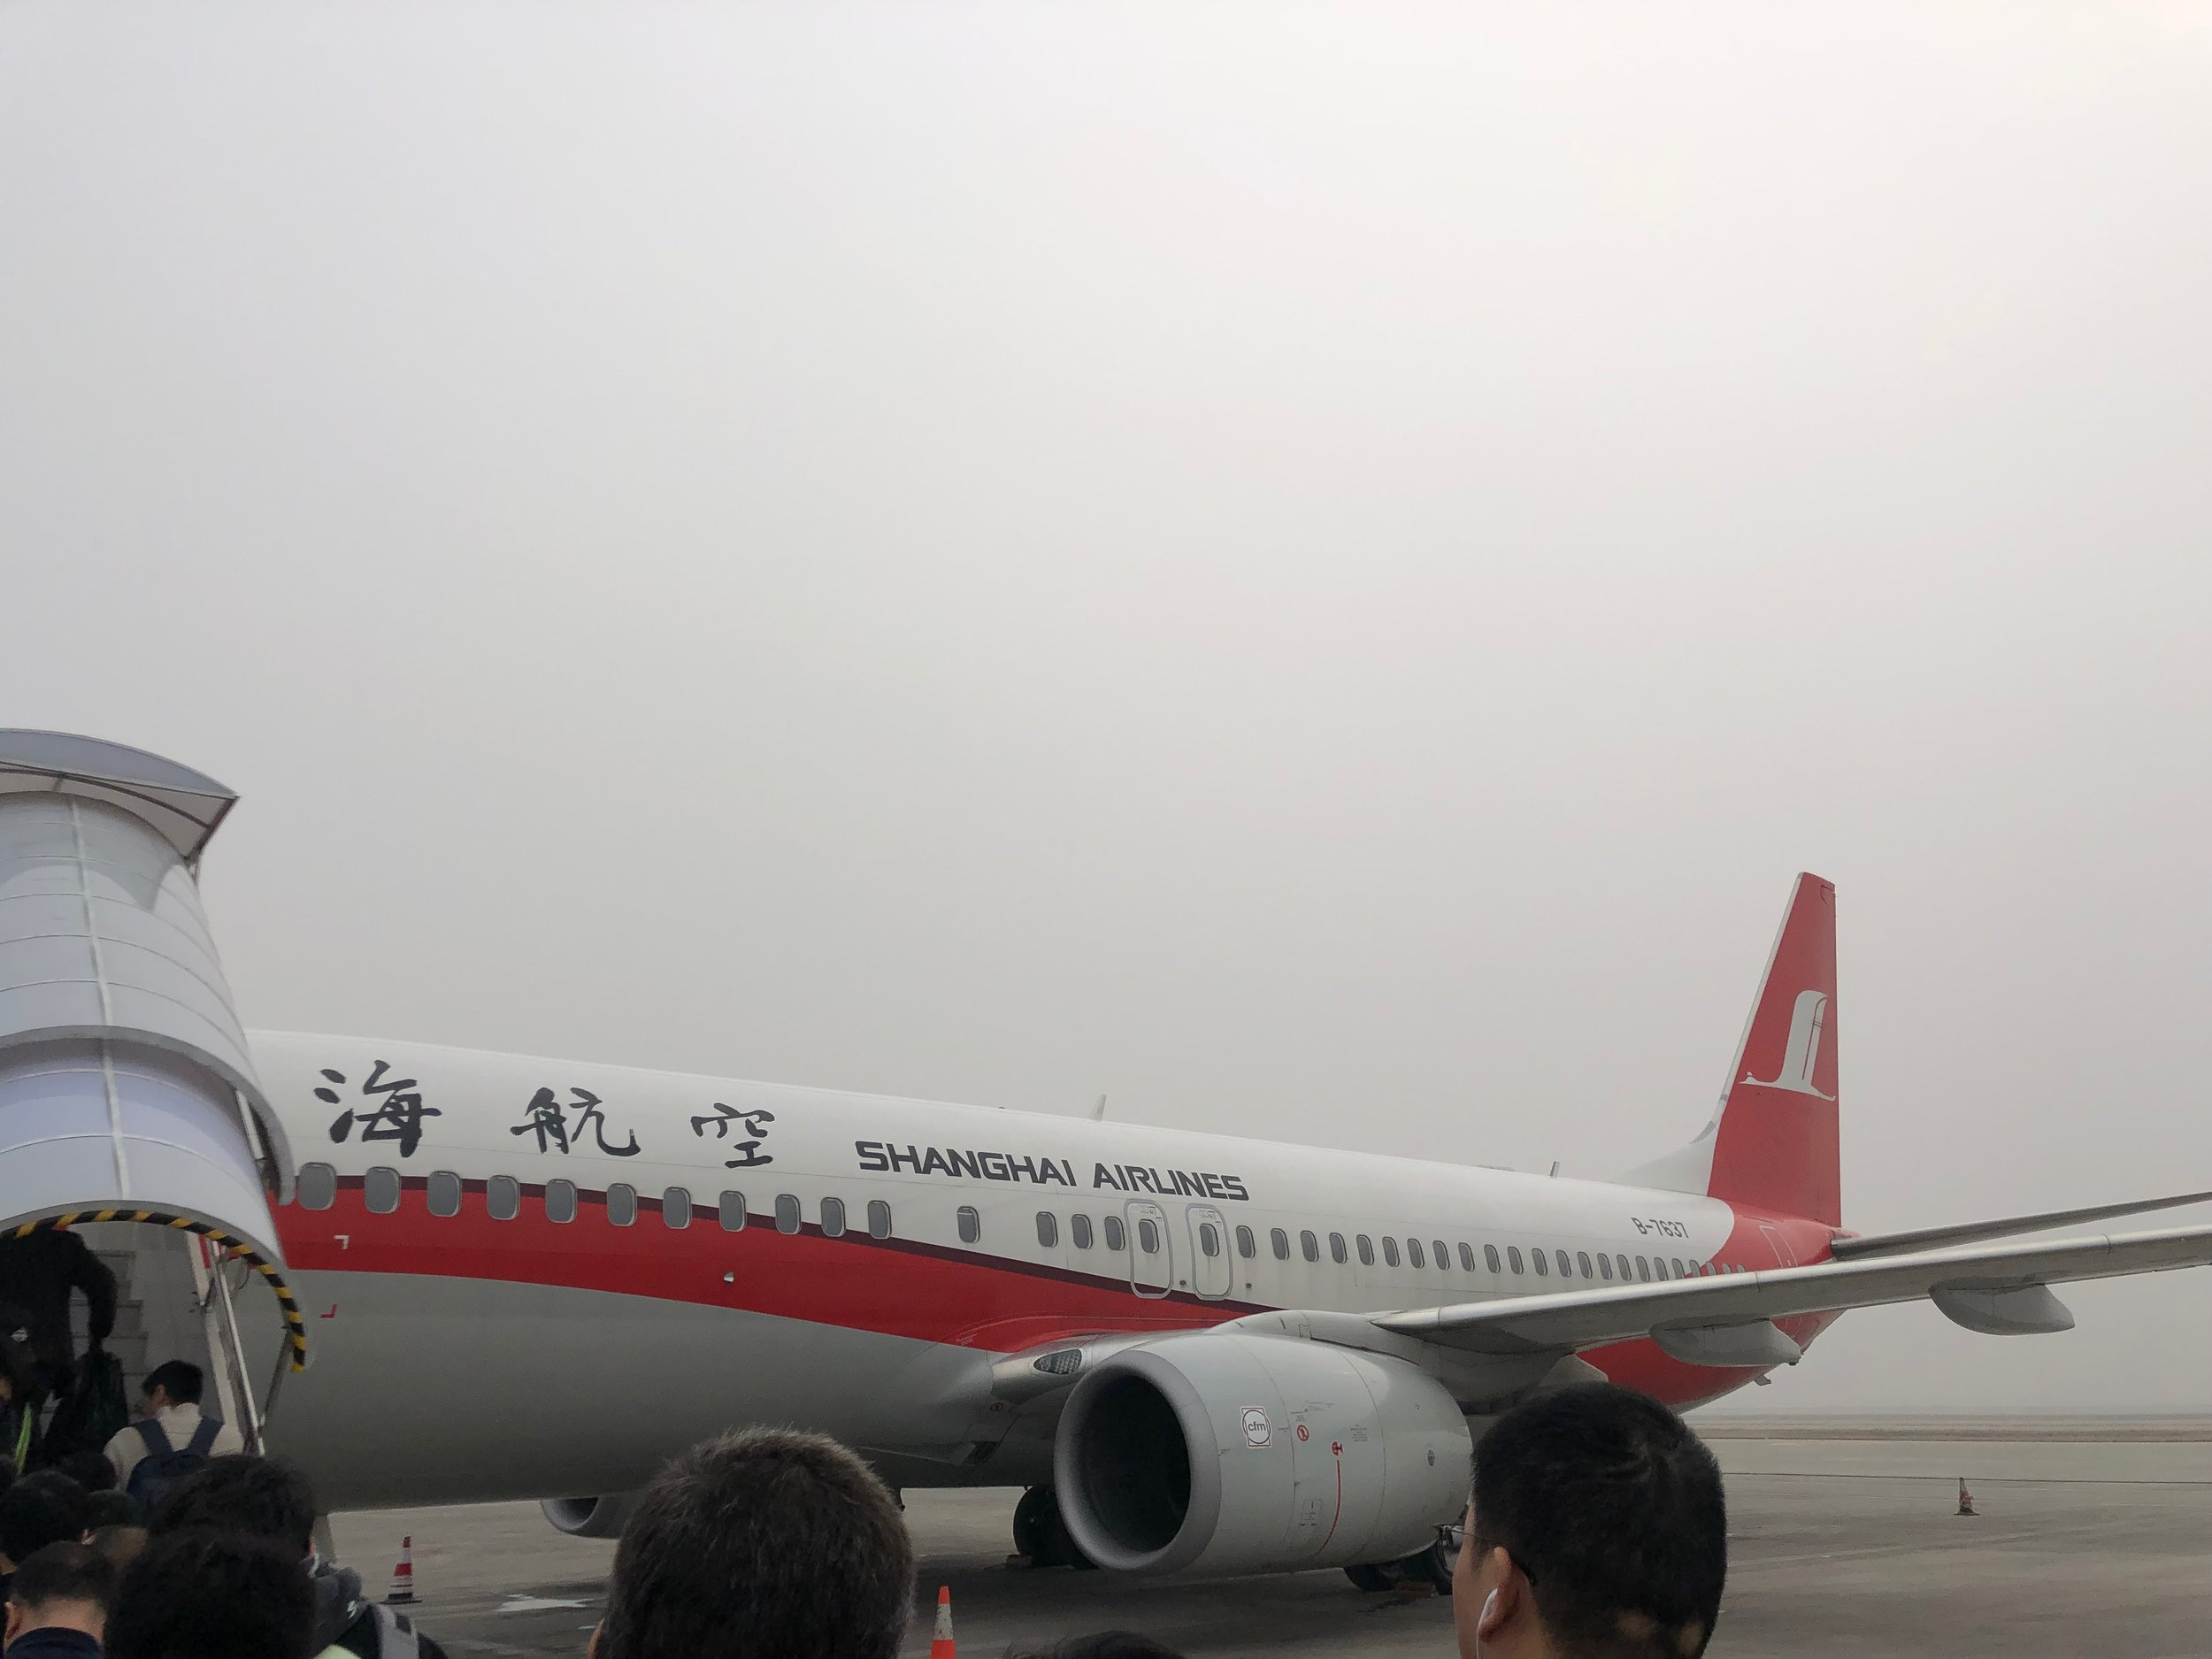 Shanghai Airlines.jpg